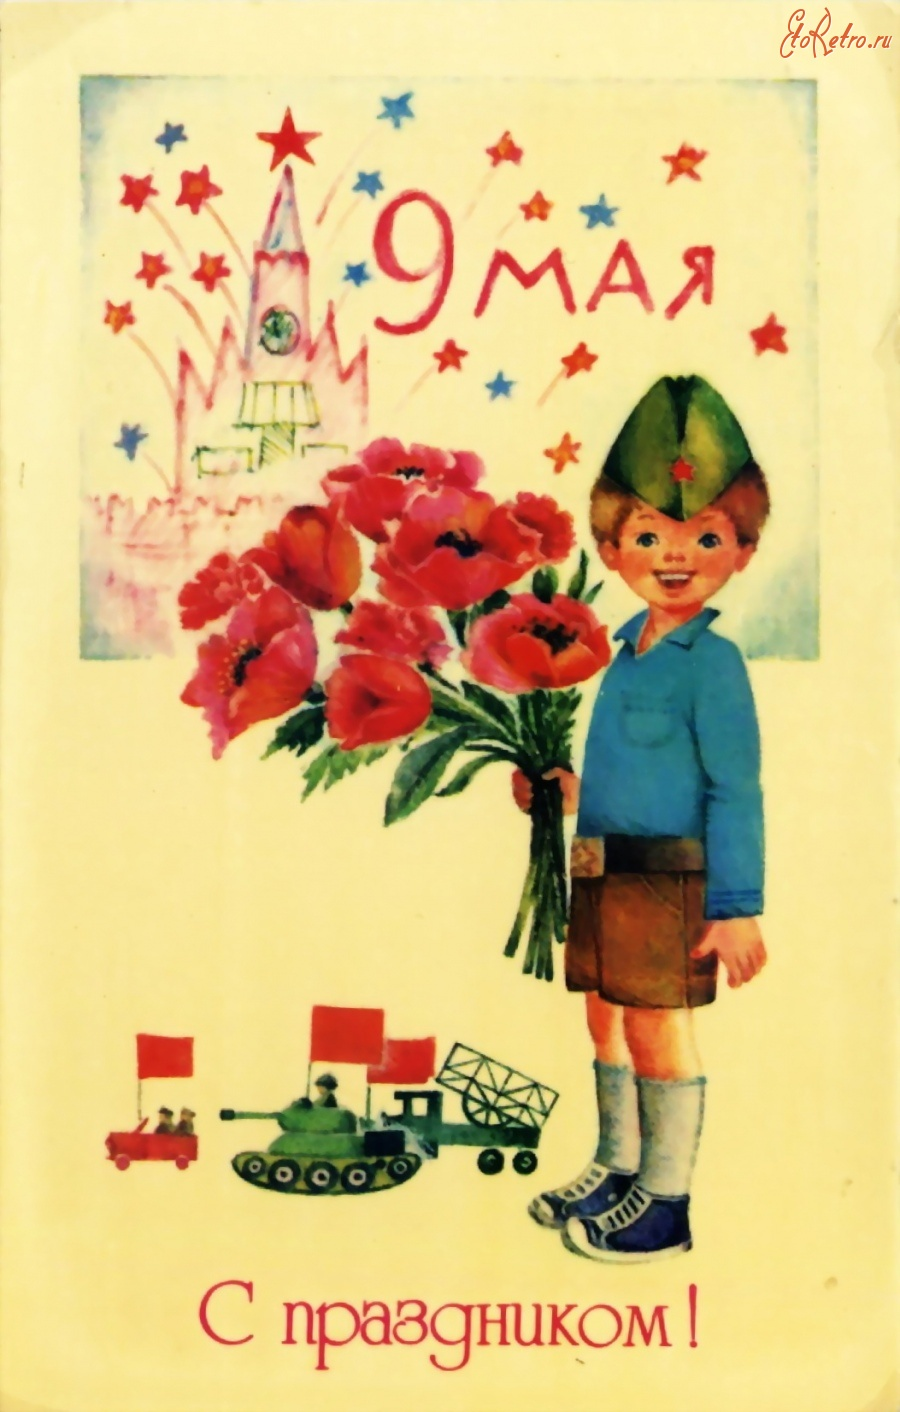 Старые открытки на день победы, картинки именем